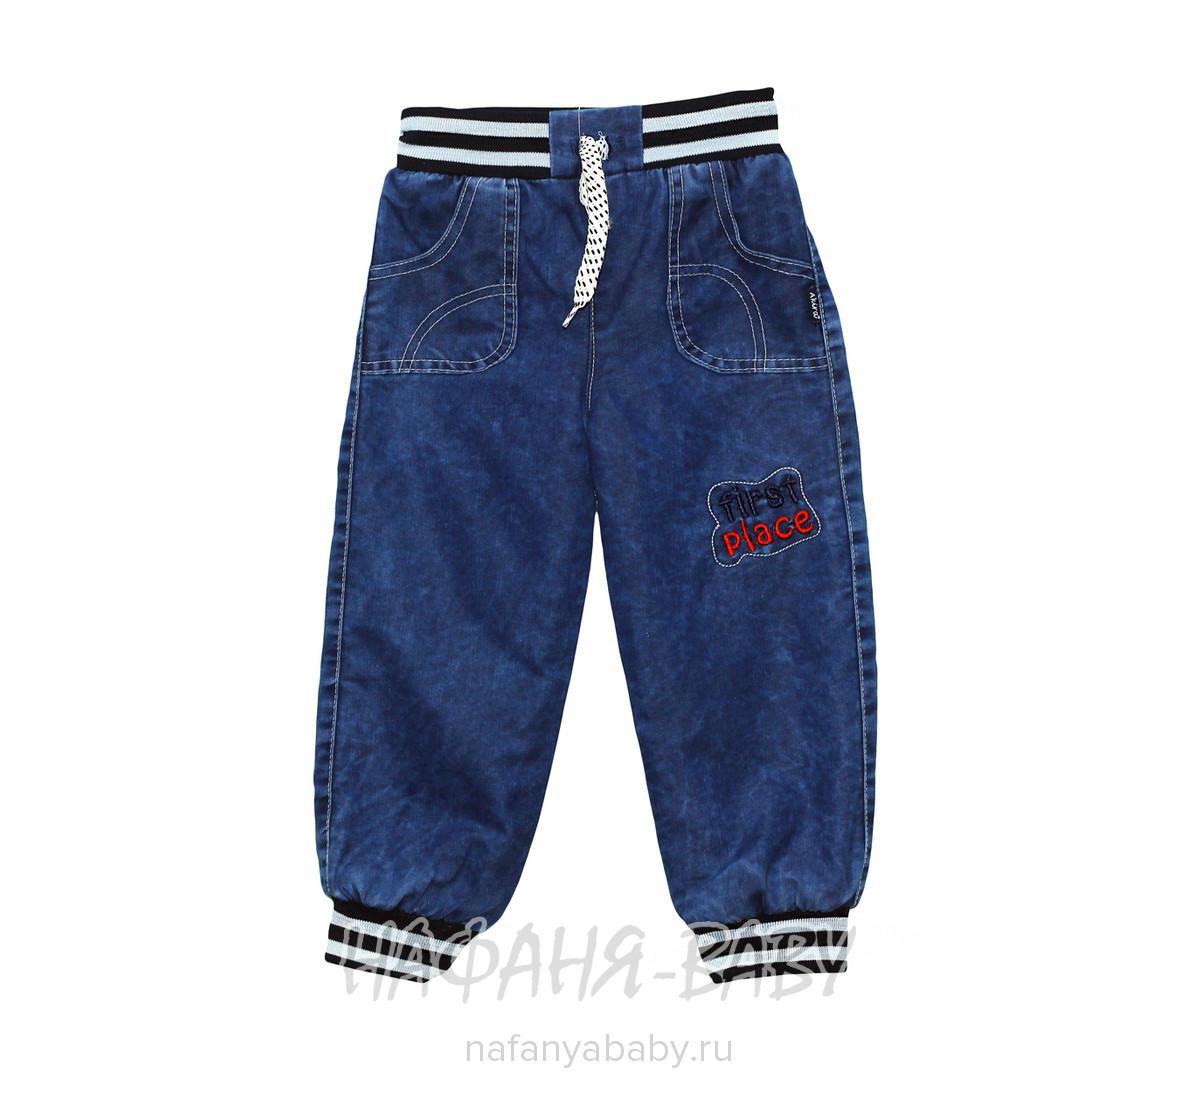 Детские джинсы AKIRA арт: 1949, 1-4 года, 5-9 лет, цвет синий, оптом Турция